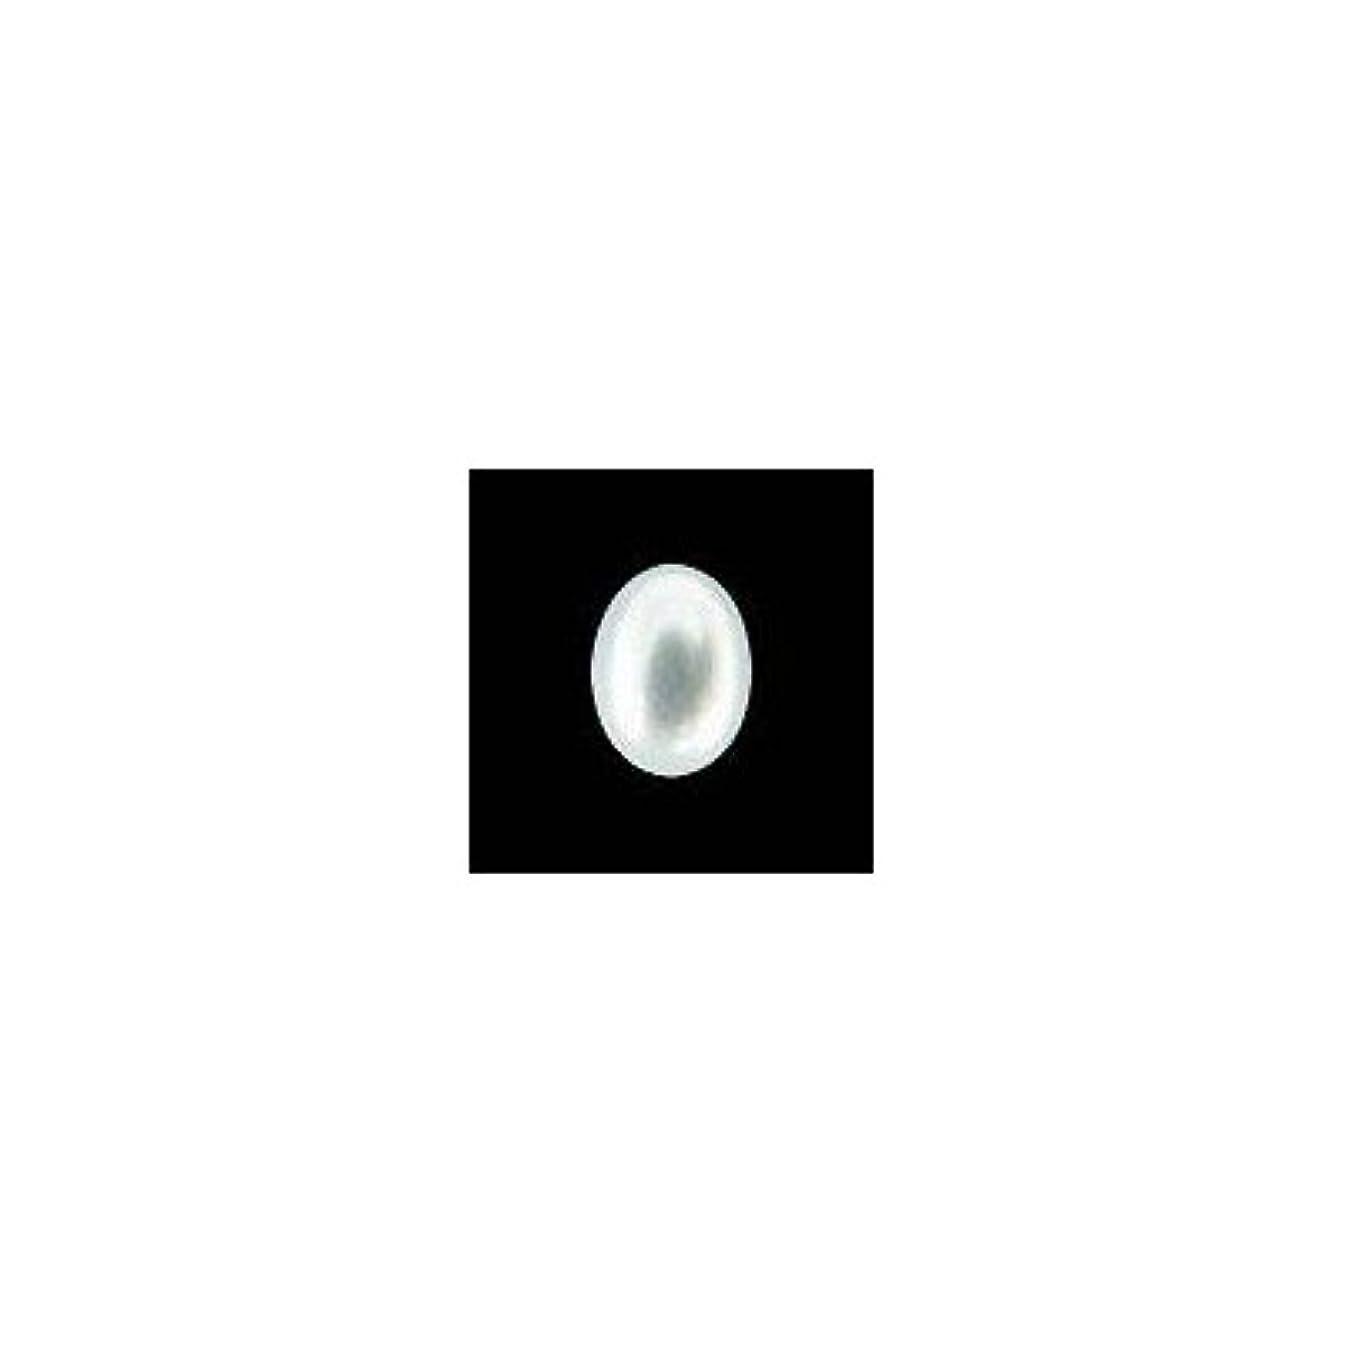 確立屋内で本土ピアドラ 大粒パール オーバル(7×5)24P